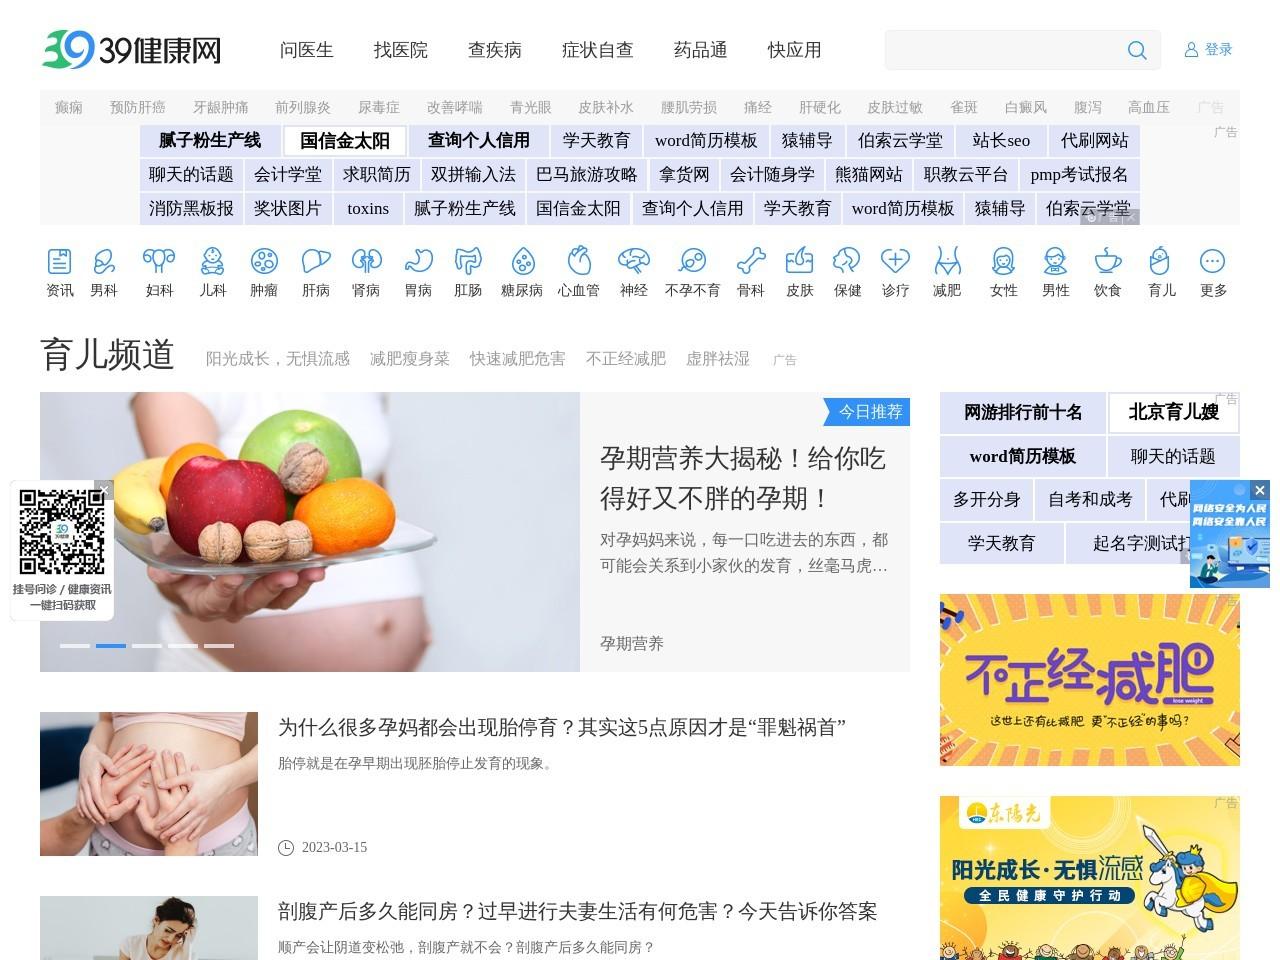 39健康网育儿频道